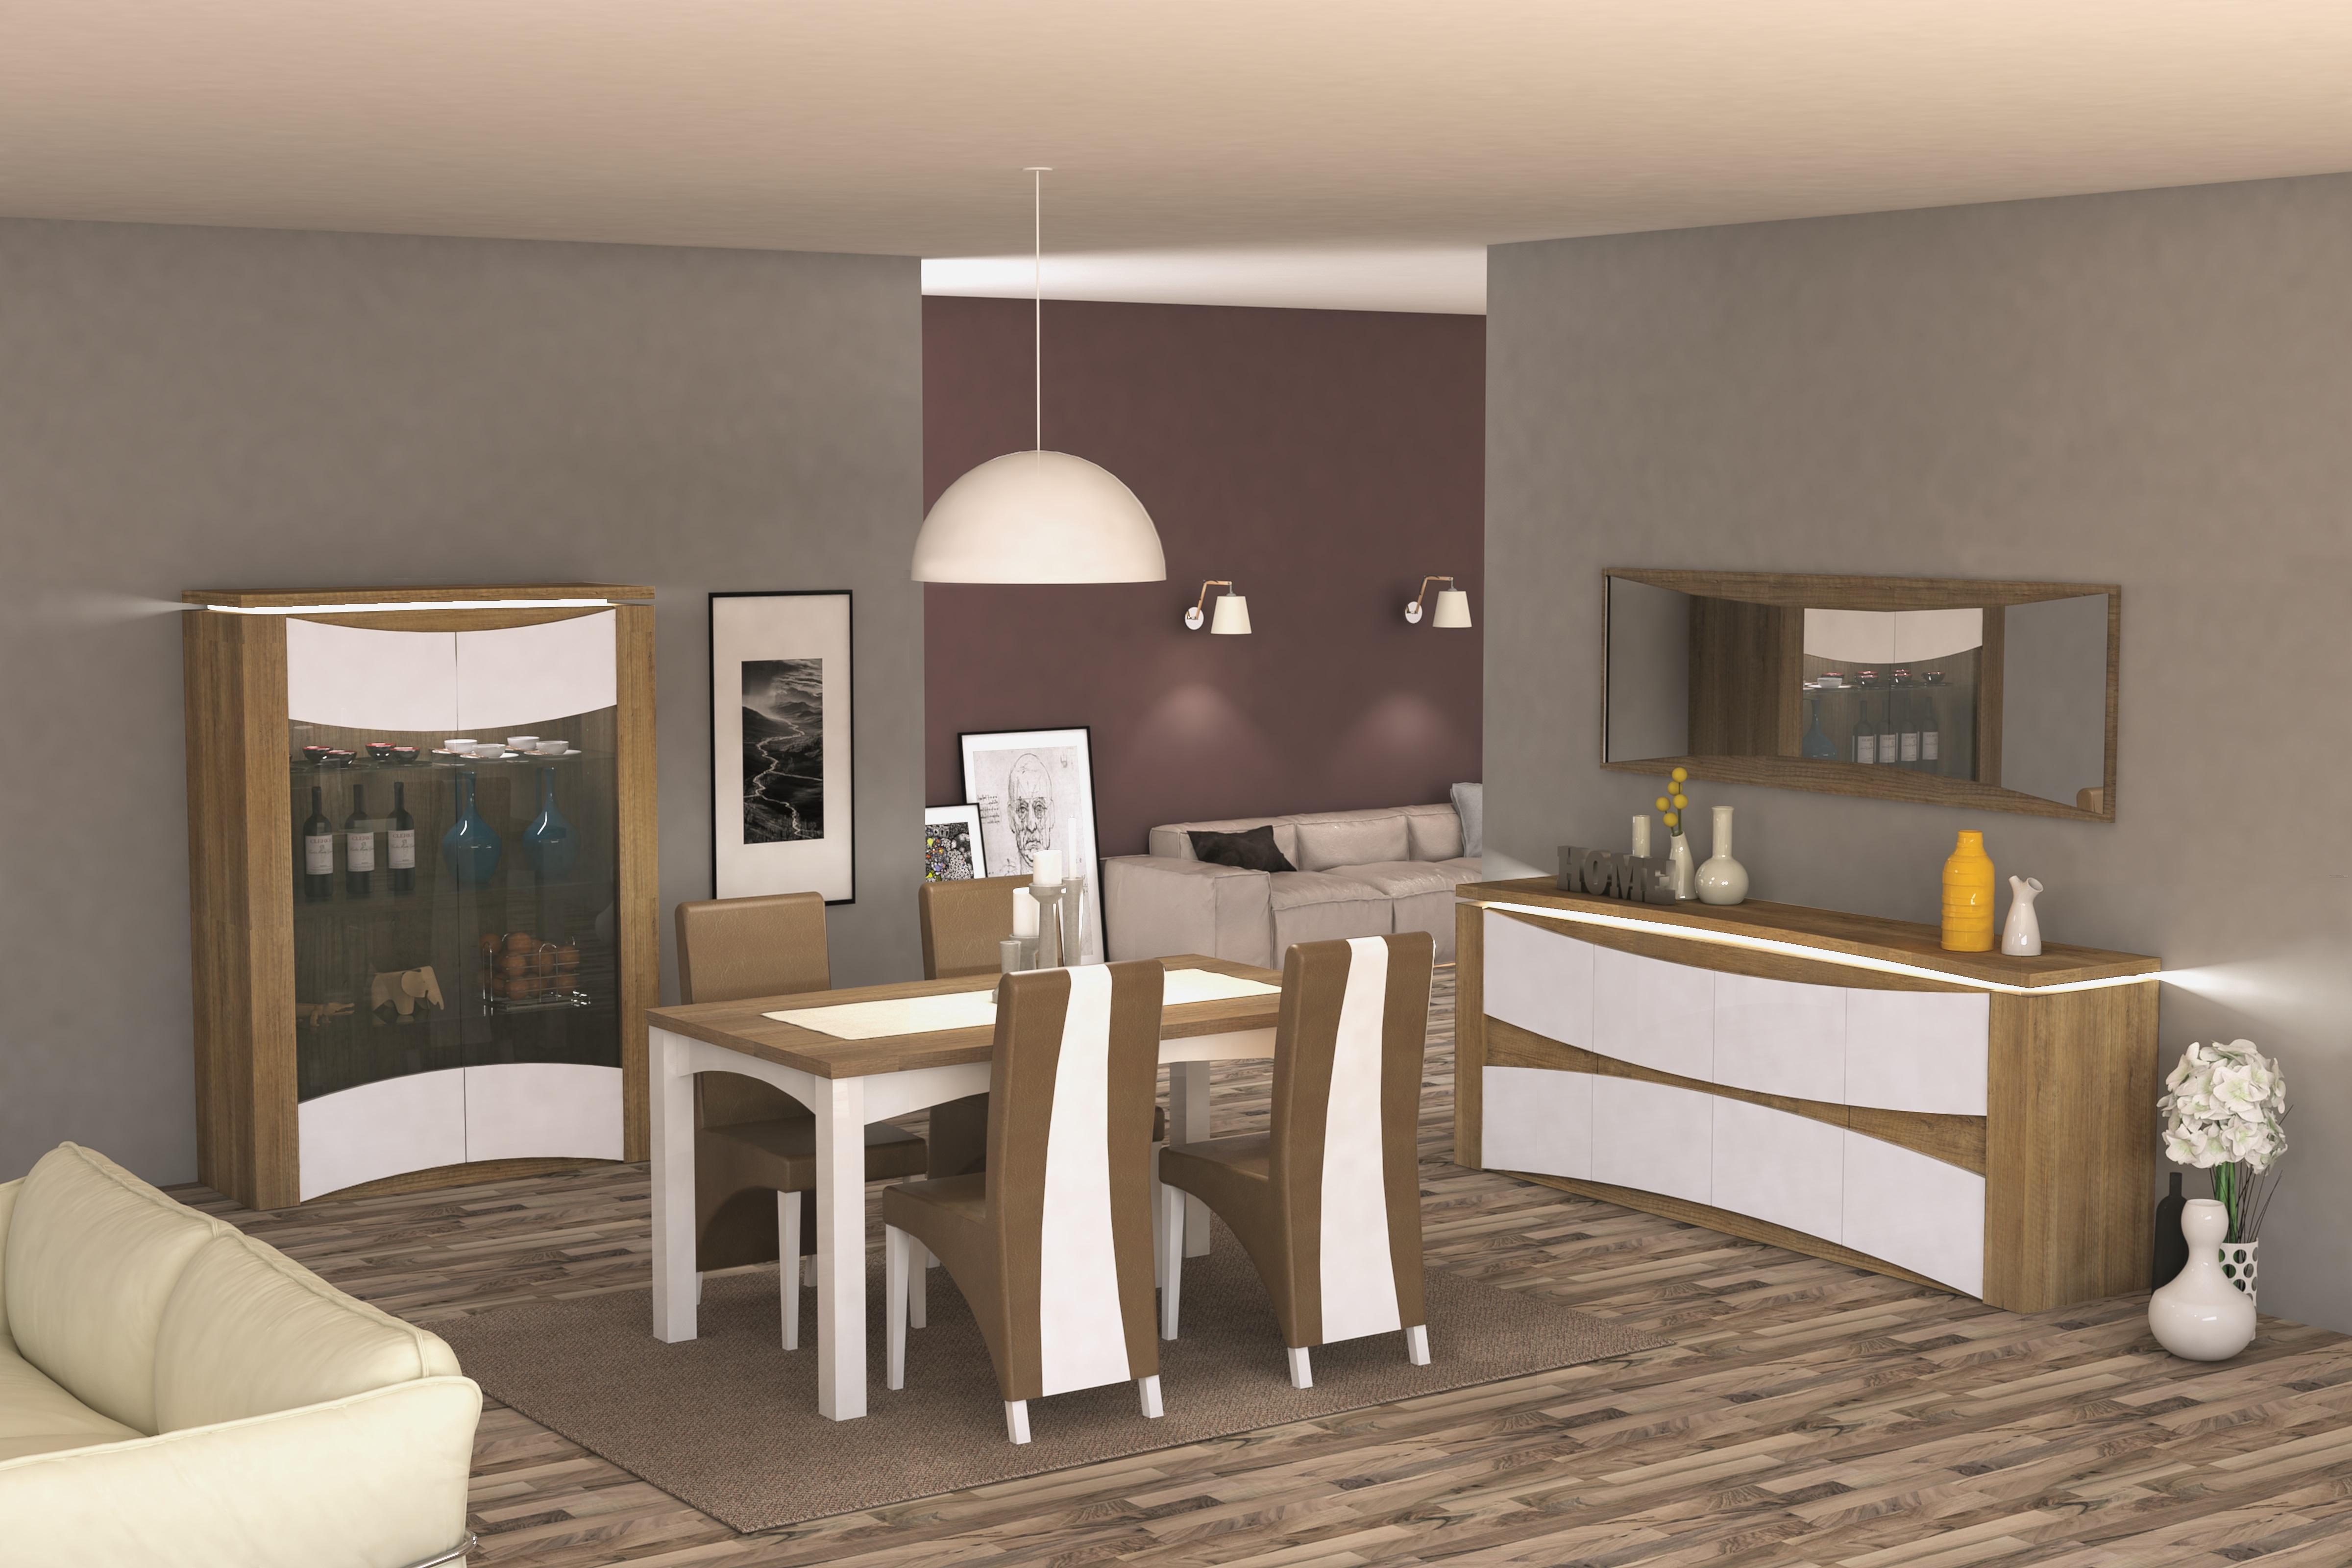 salle manger stella nkl meuble wassa et deco. Black Bedroom Furniture Sets. Home Design Ideas